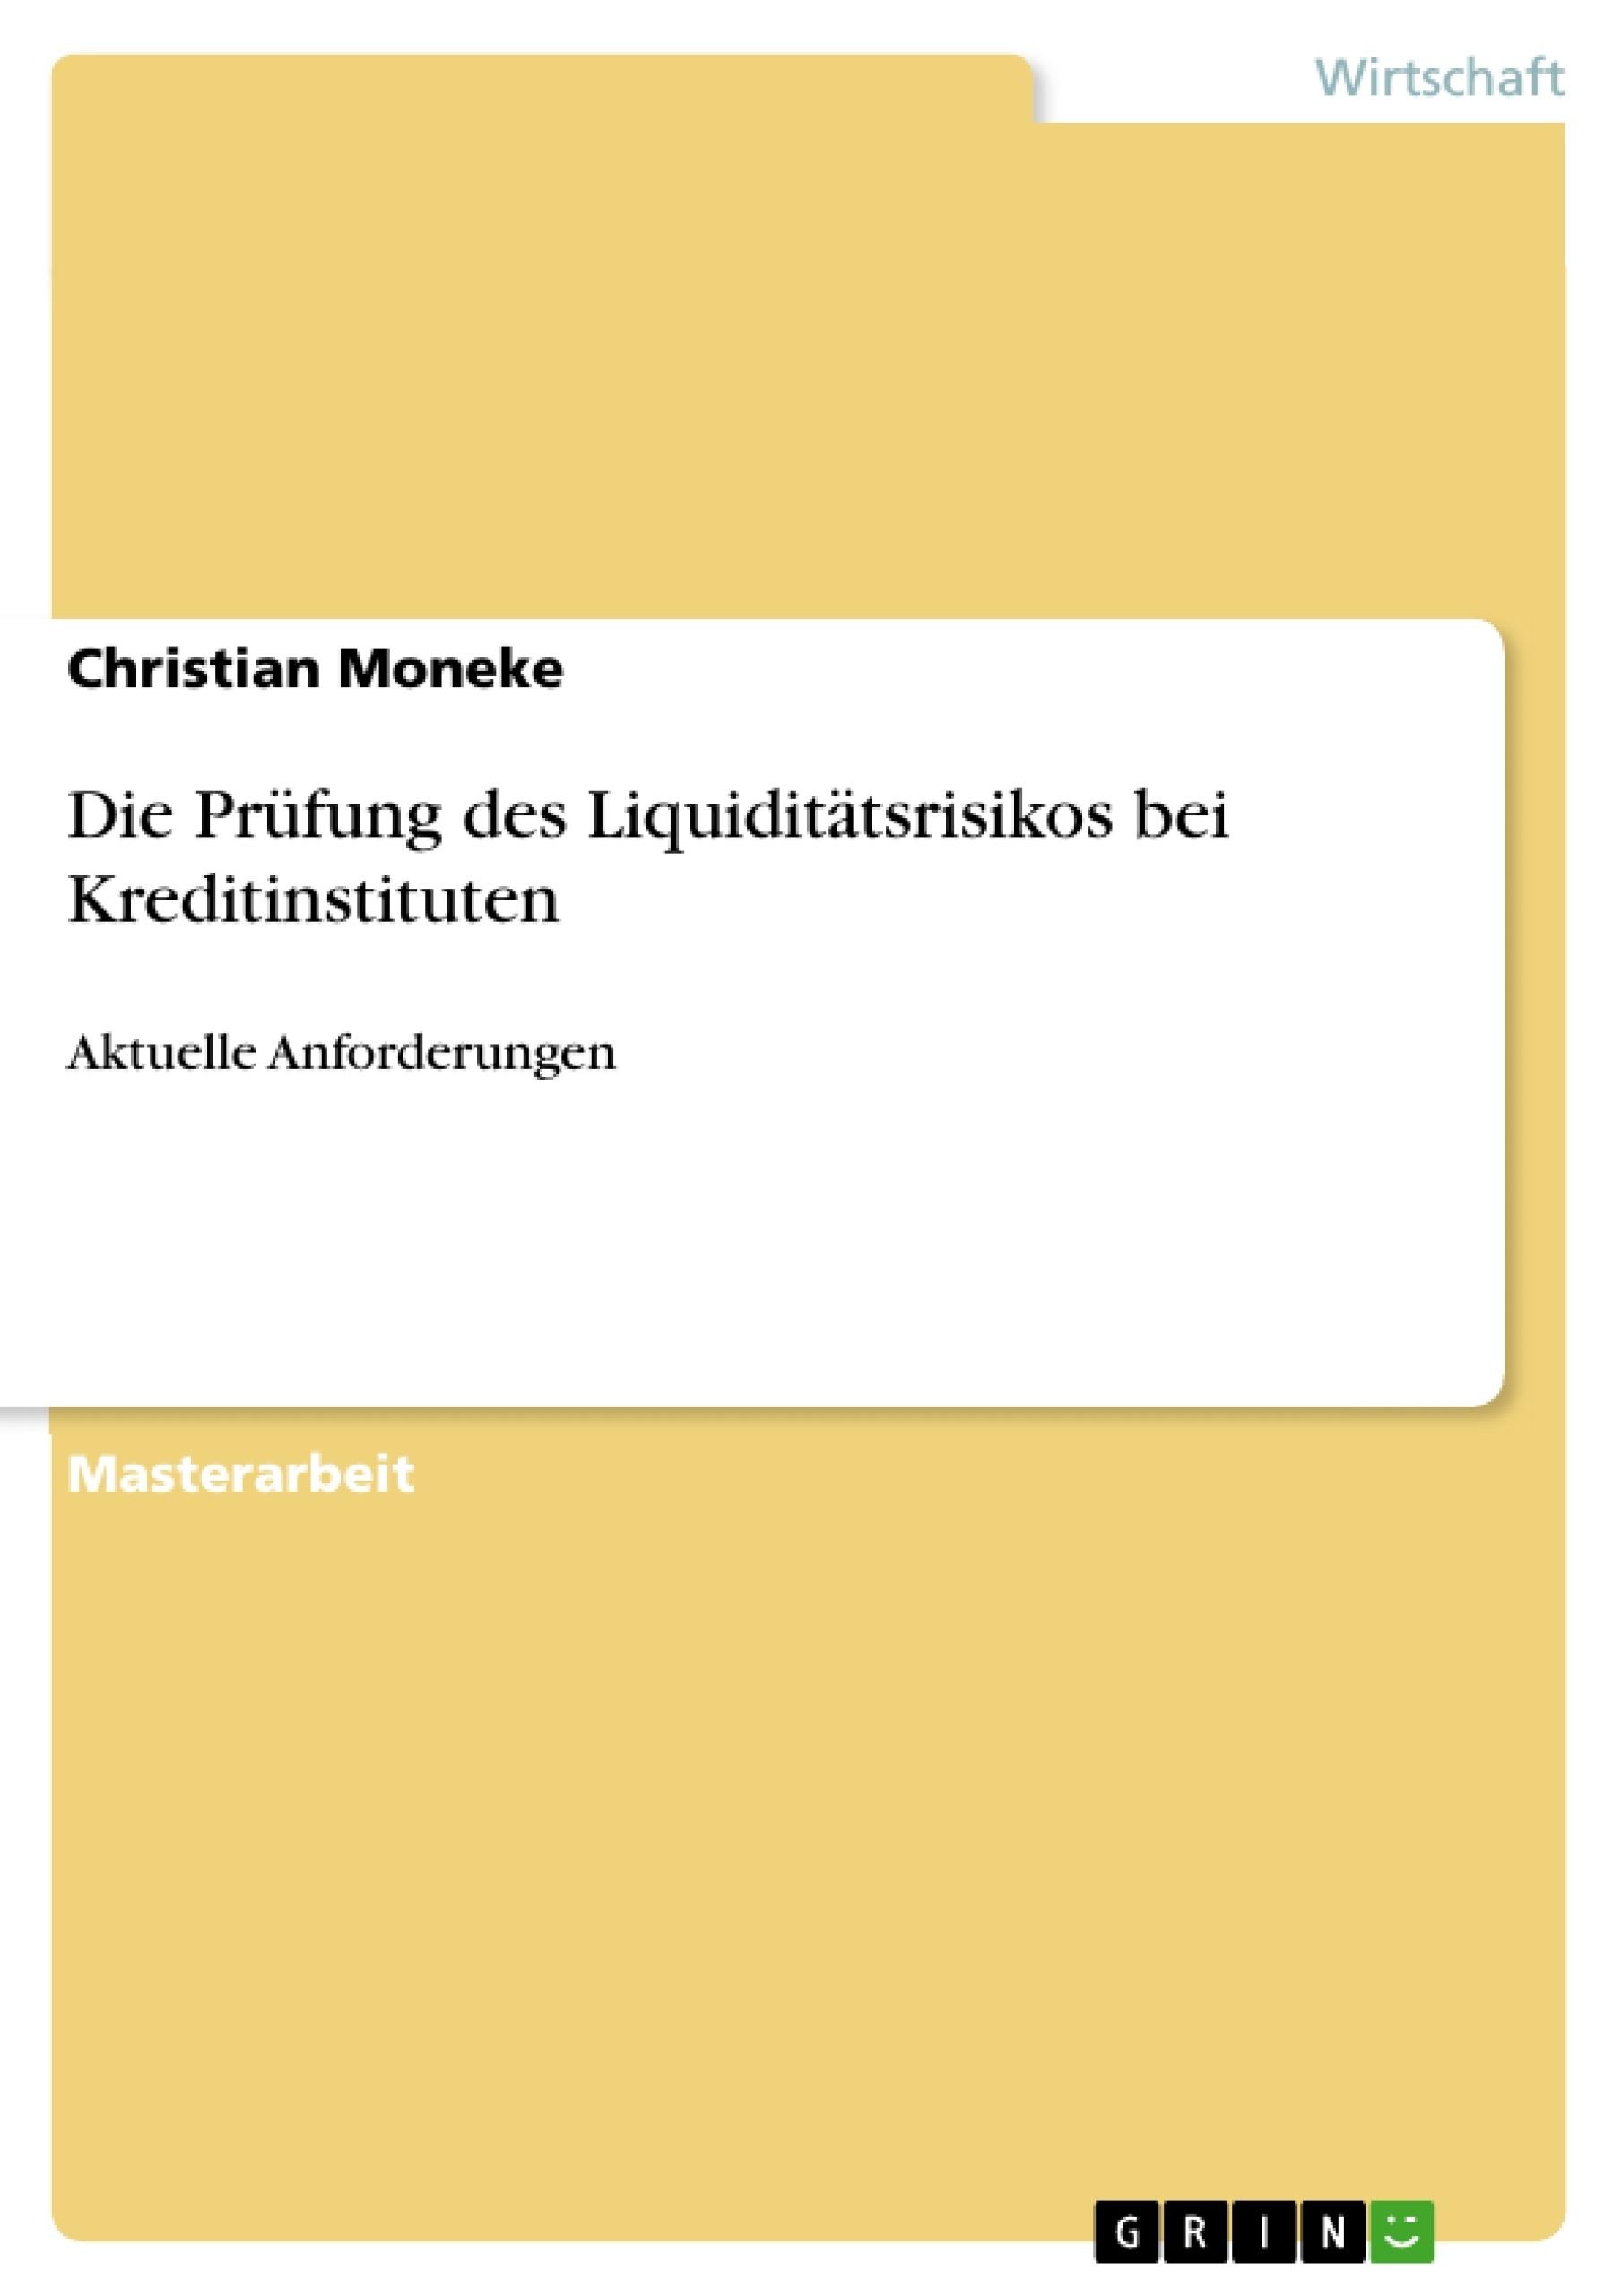 Titel: Die Prüfung des Liquiditätsrisikos bei Kreditinstituten